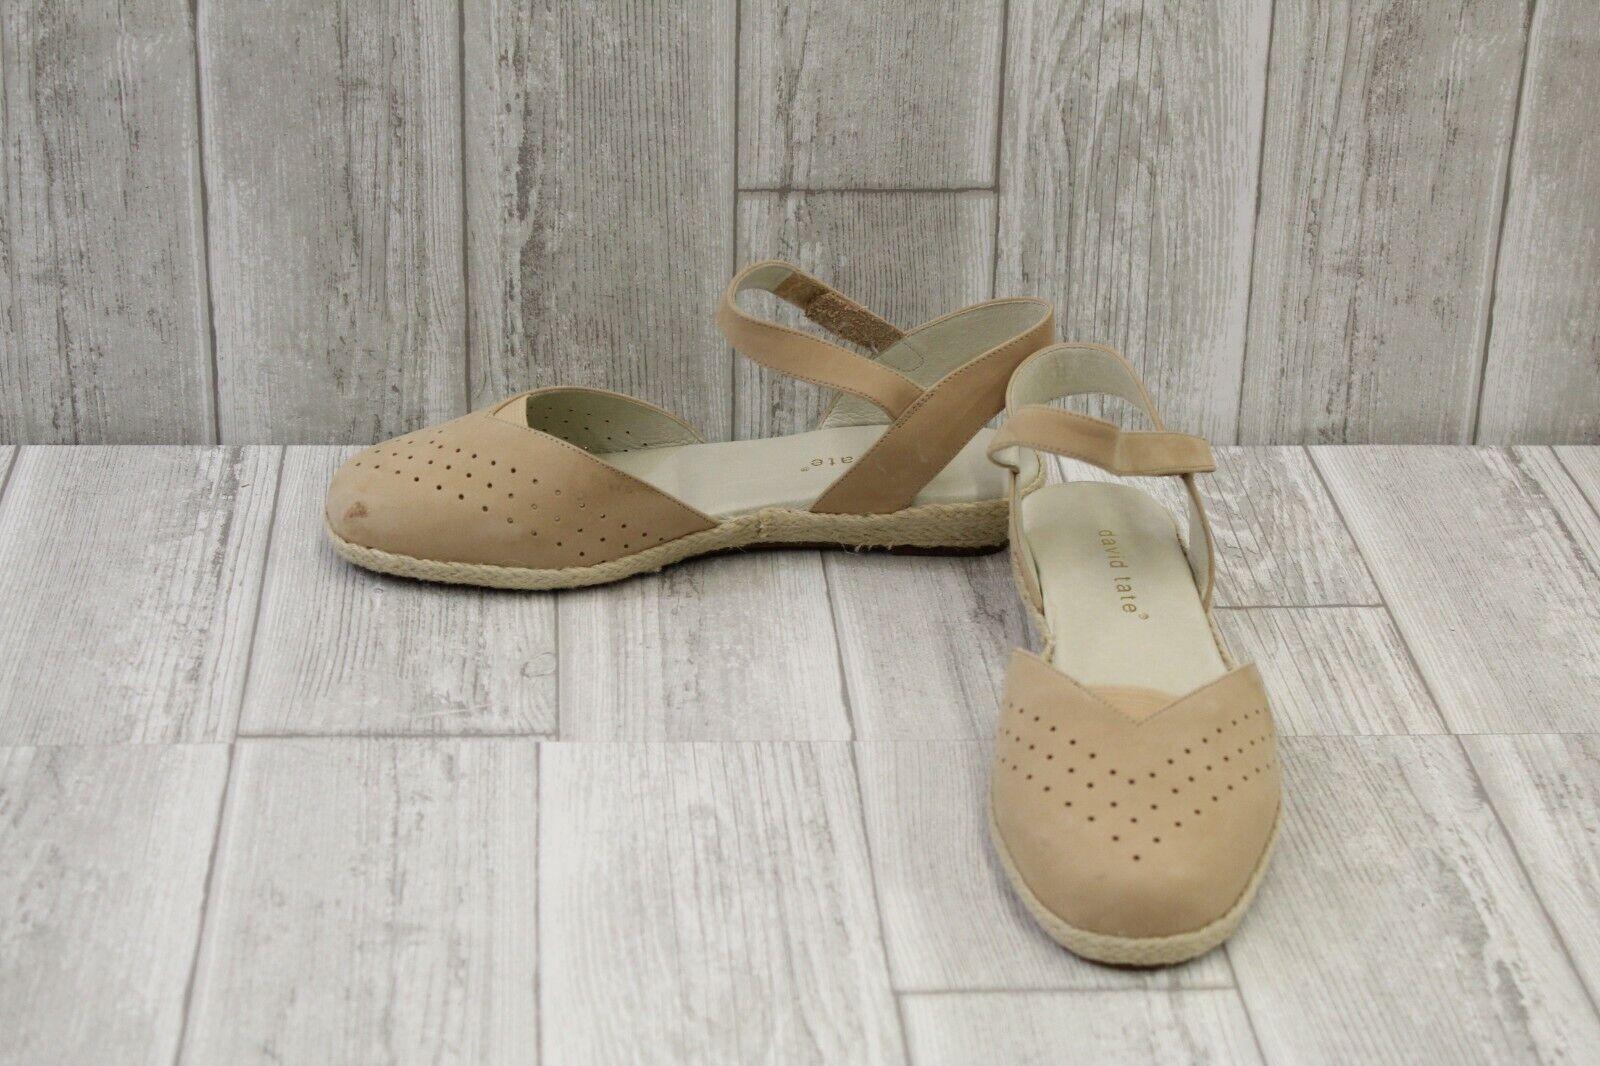 David Tate Canyon Sandal - Women's Size 9.5W, Natural